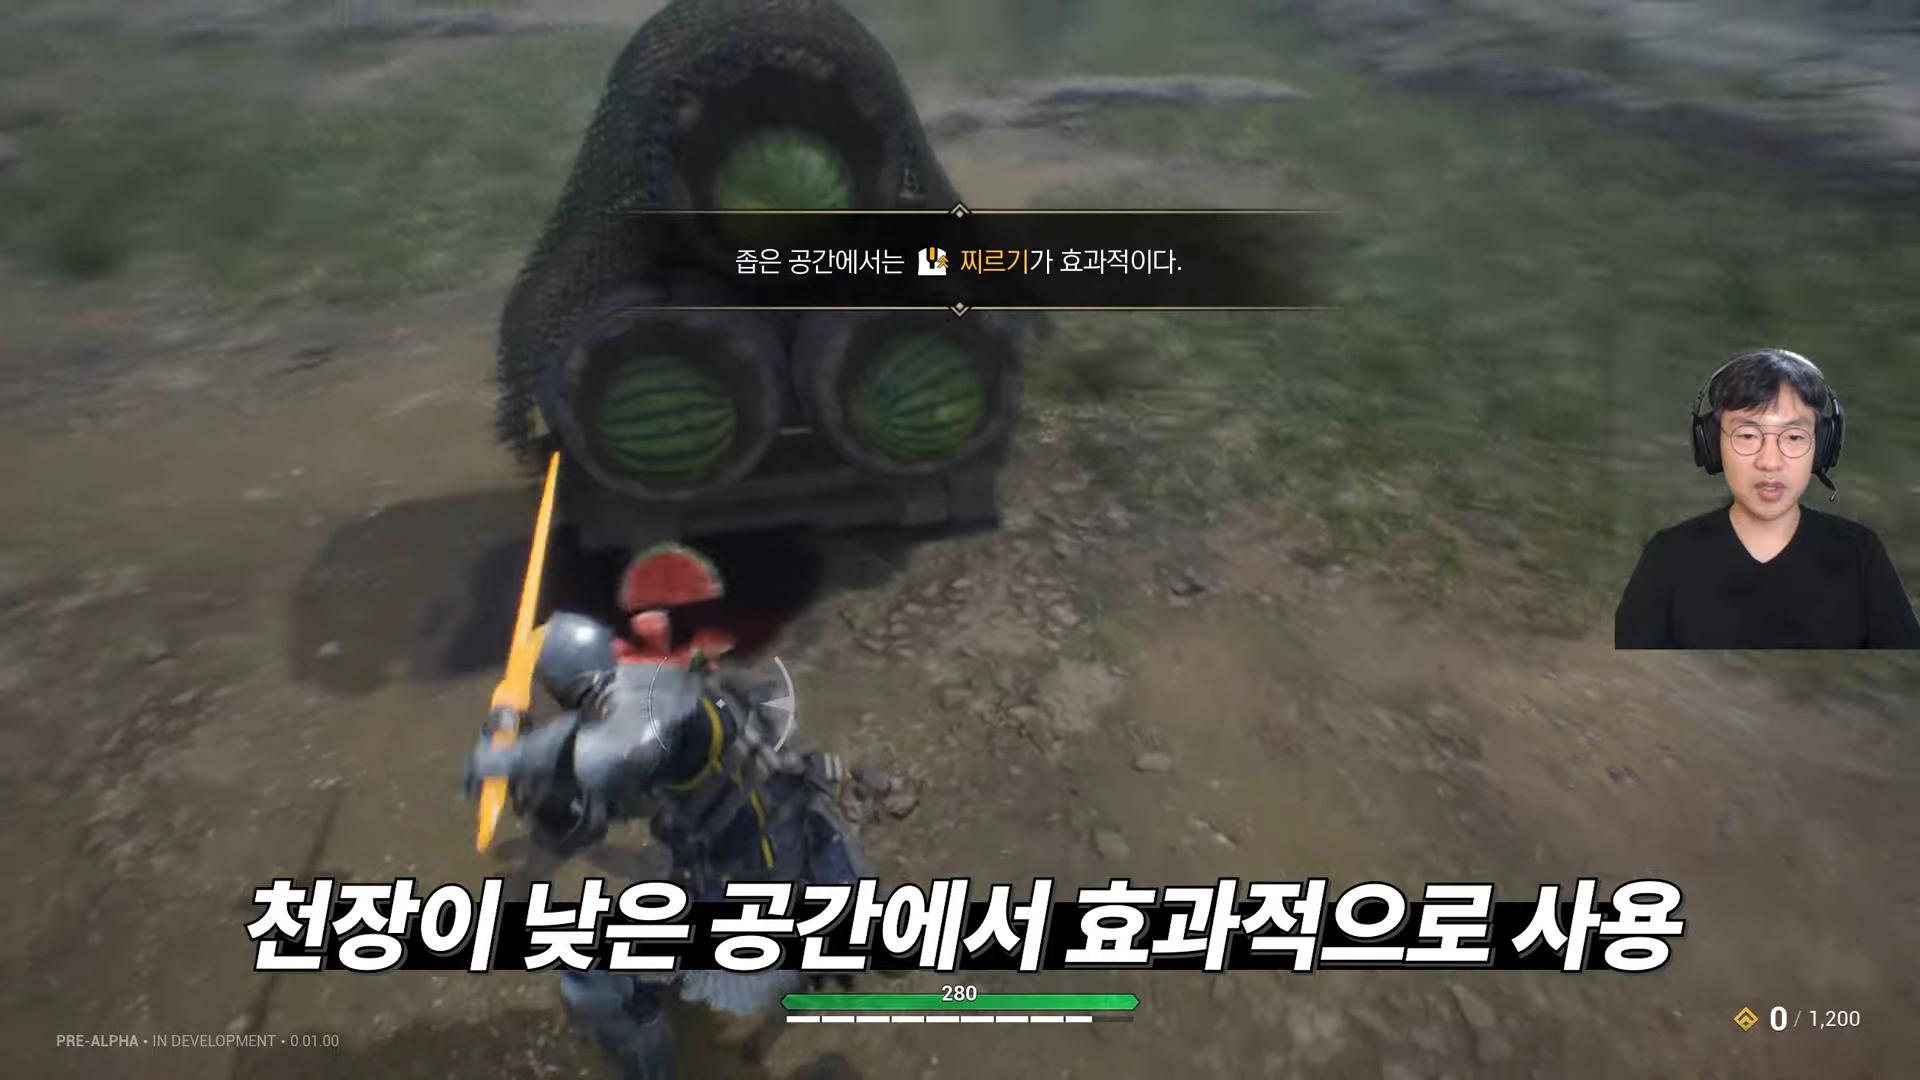 [프로젝트 HP (가제)] 디렉터 플레이 영상 1부 (HP 및 캐릭터 소개) 17-5 screenshot.png